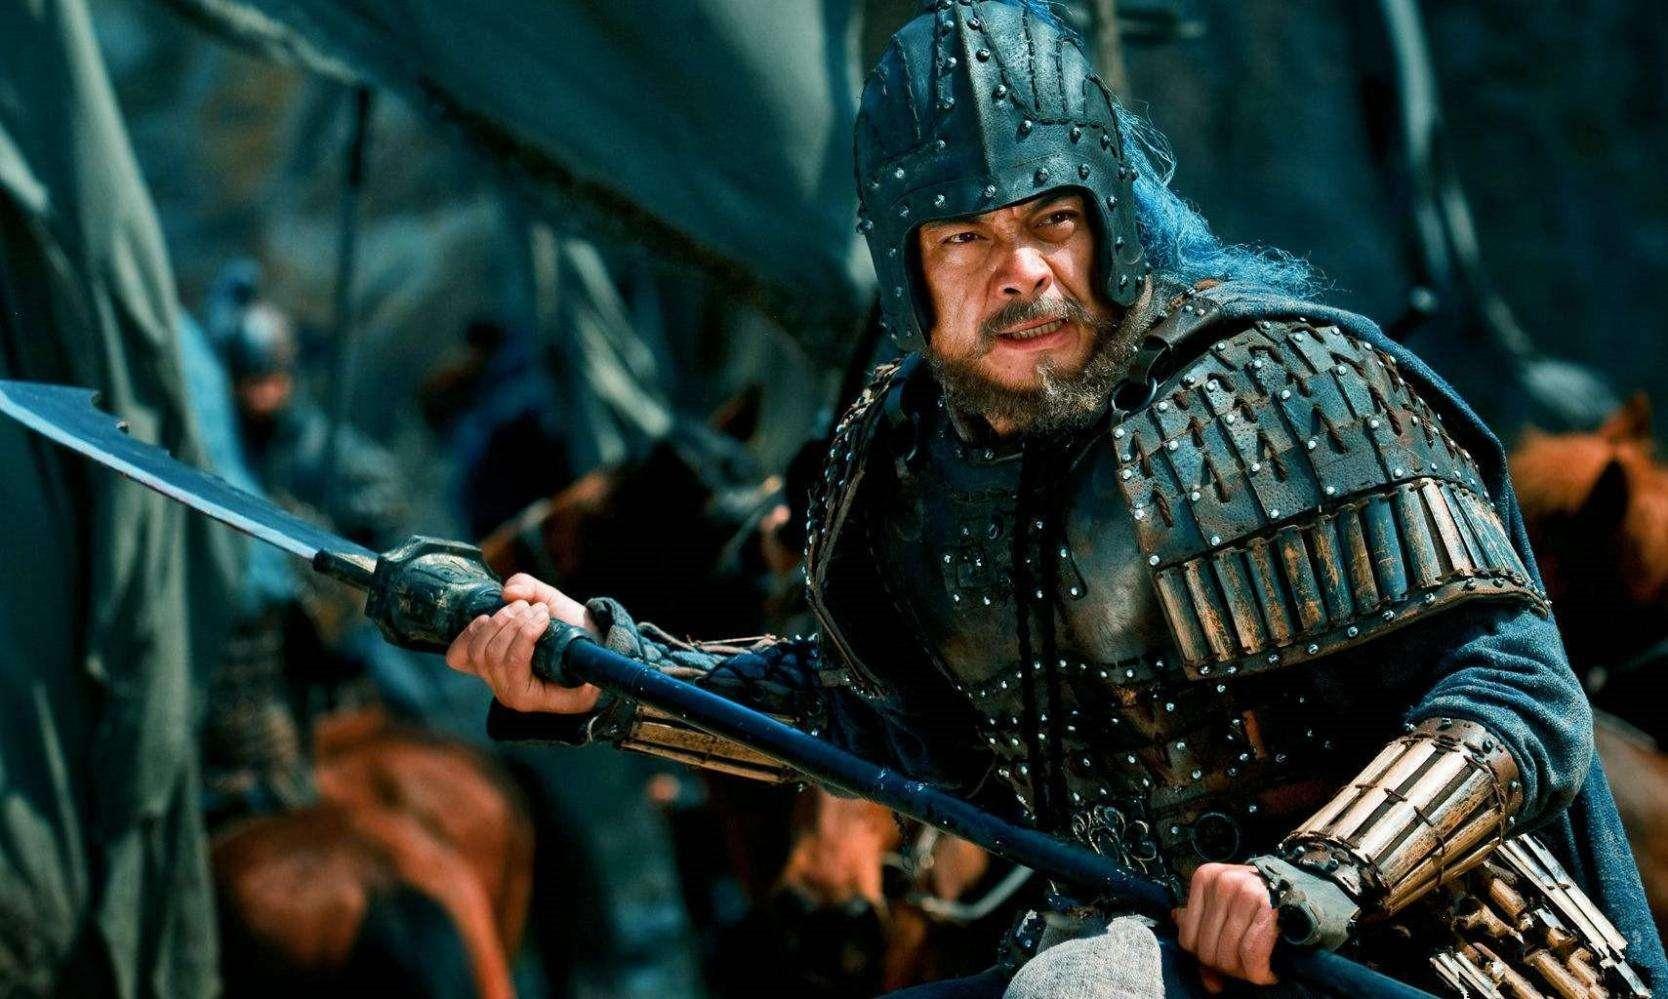 刘表手下有7大猛将,曹操刘备各得3人,孙权只得1人却虎踞江东